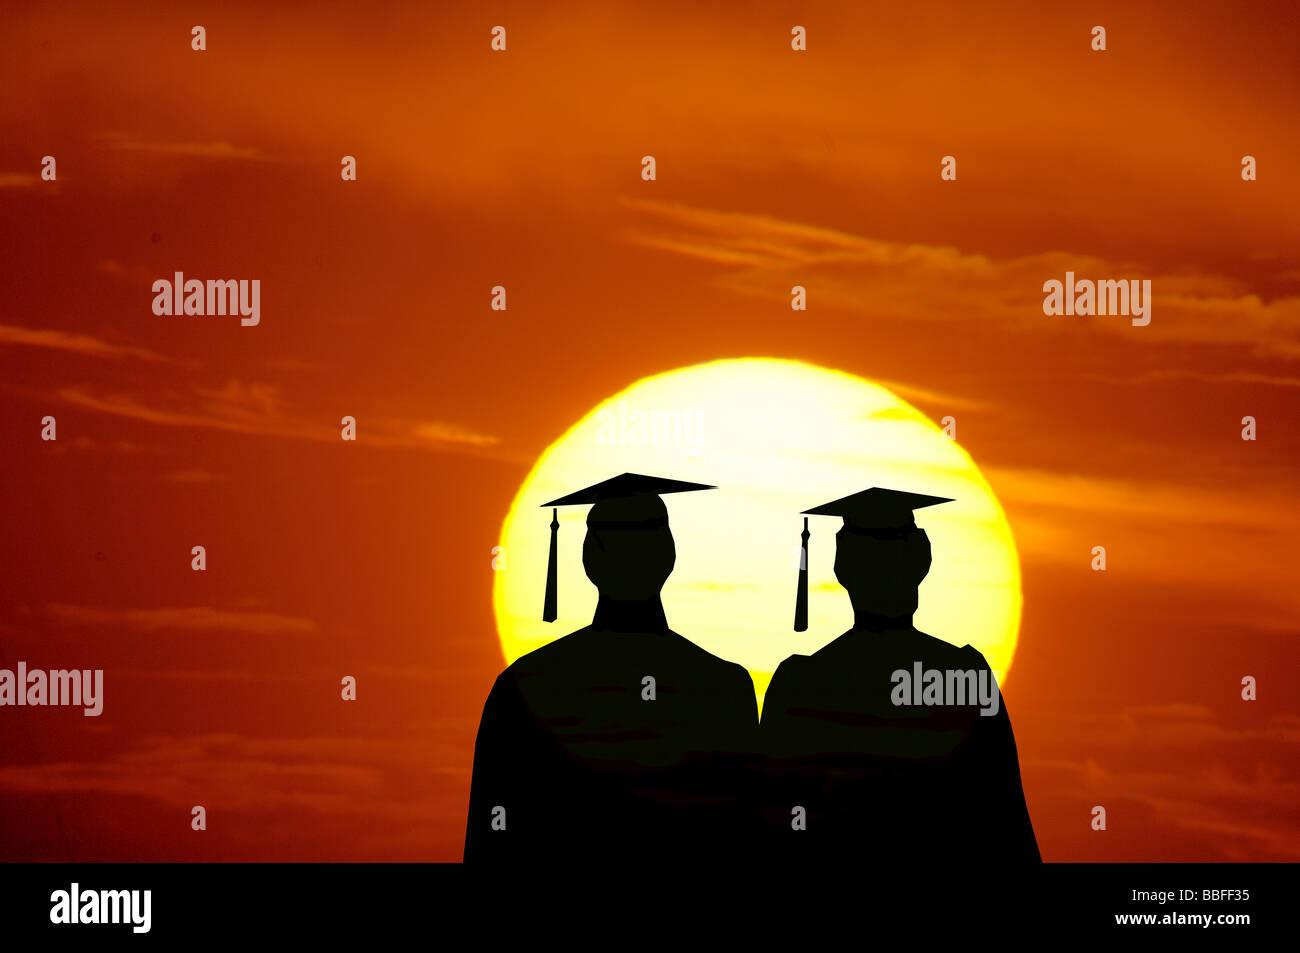 Vektor-Illustration der männlichen und weiblichen Absolventen Blick auf Sonnenuntergang Stockbild